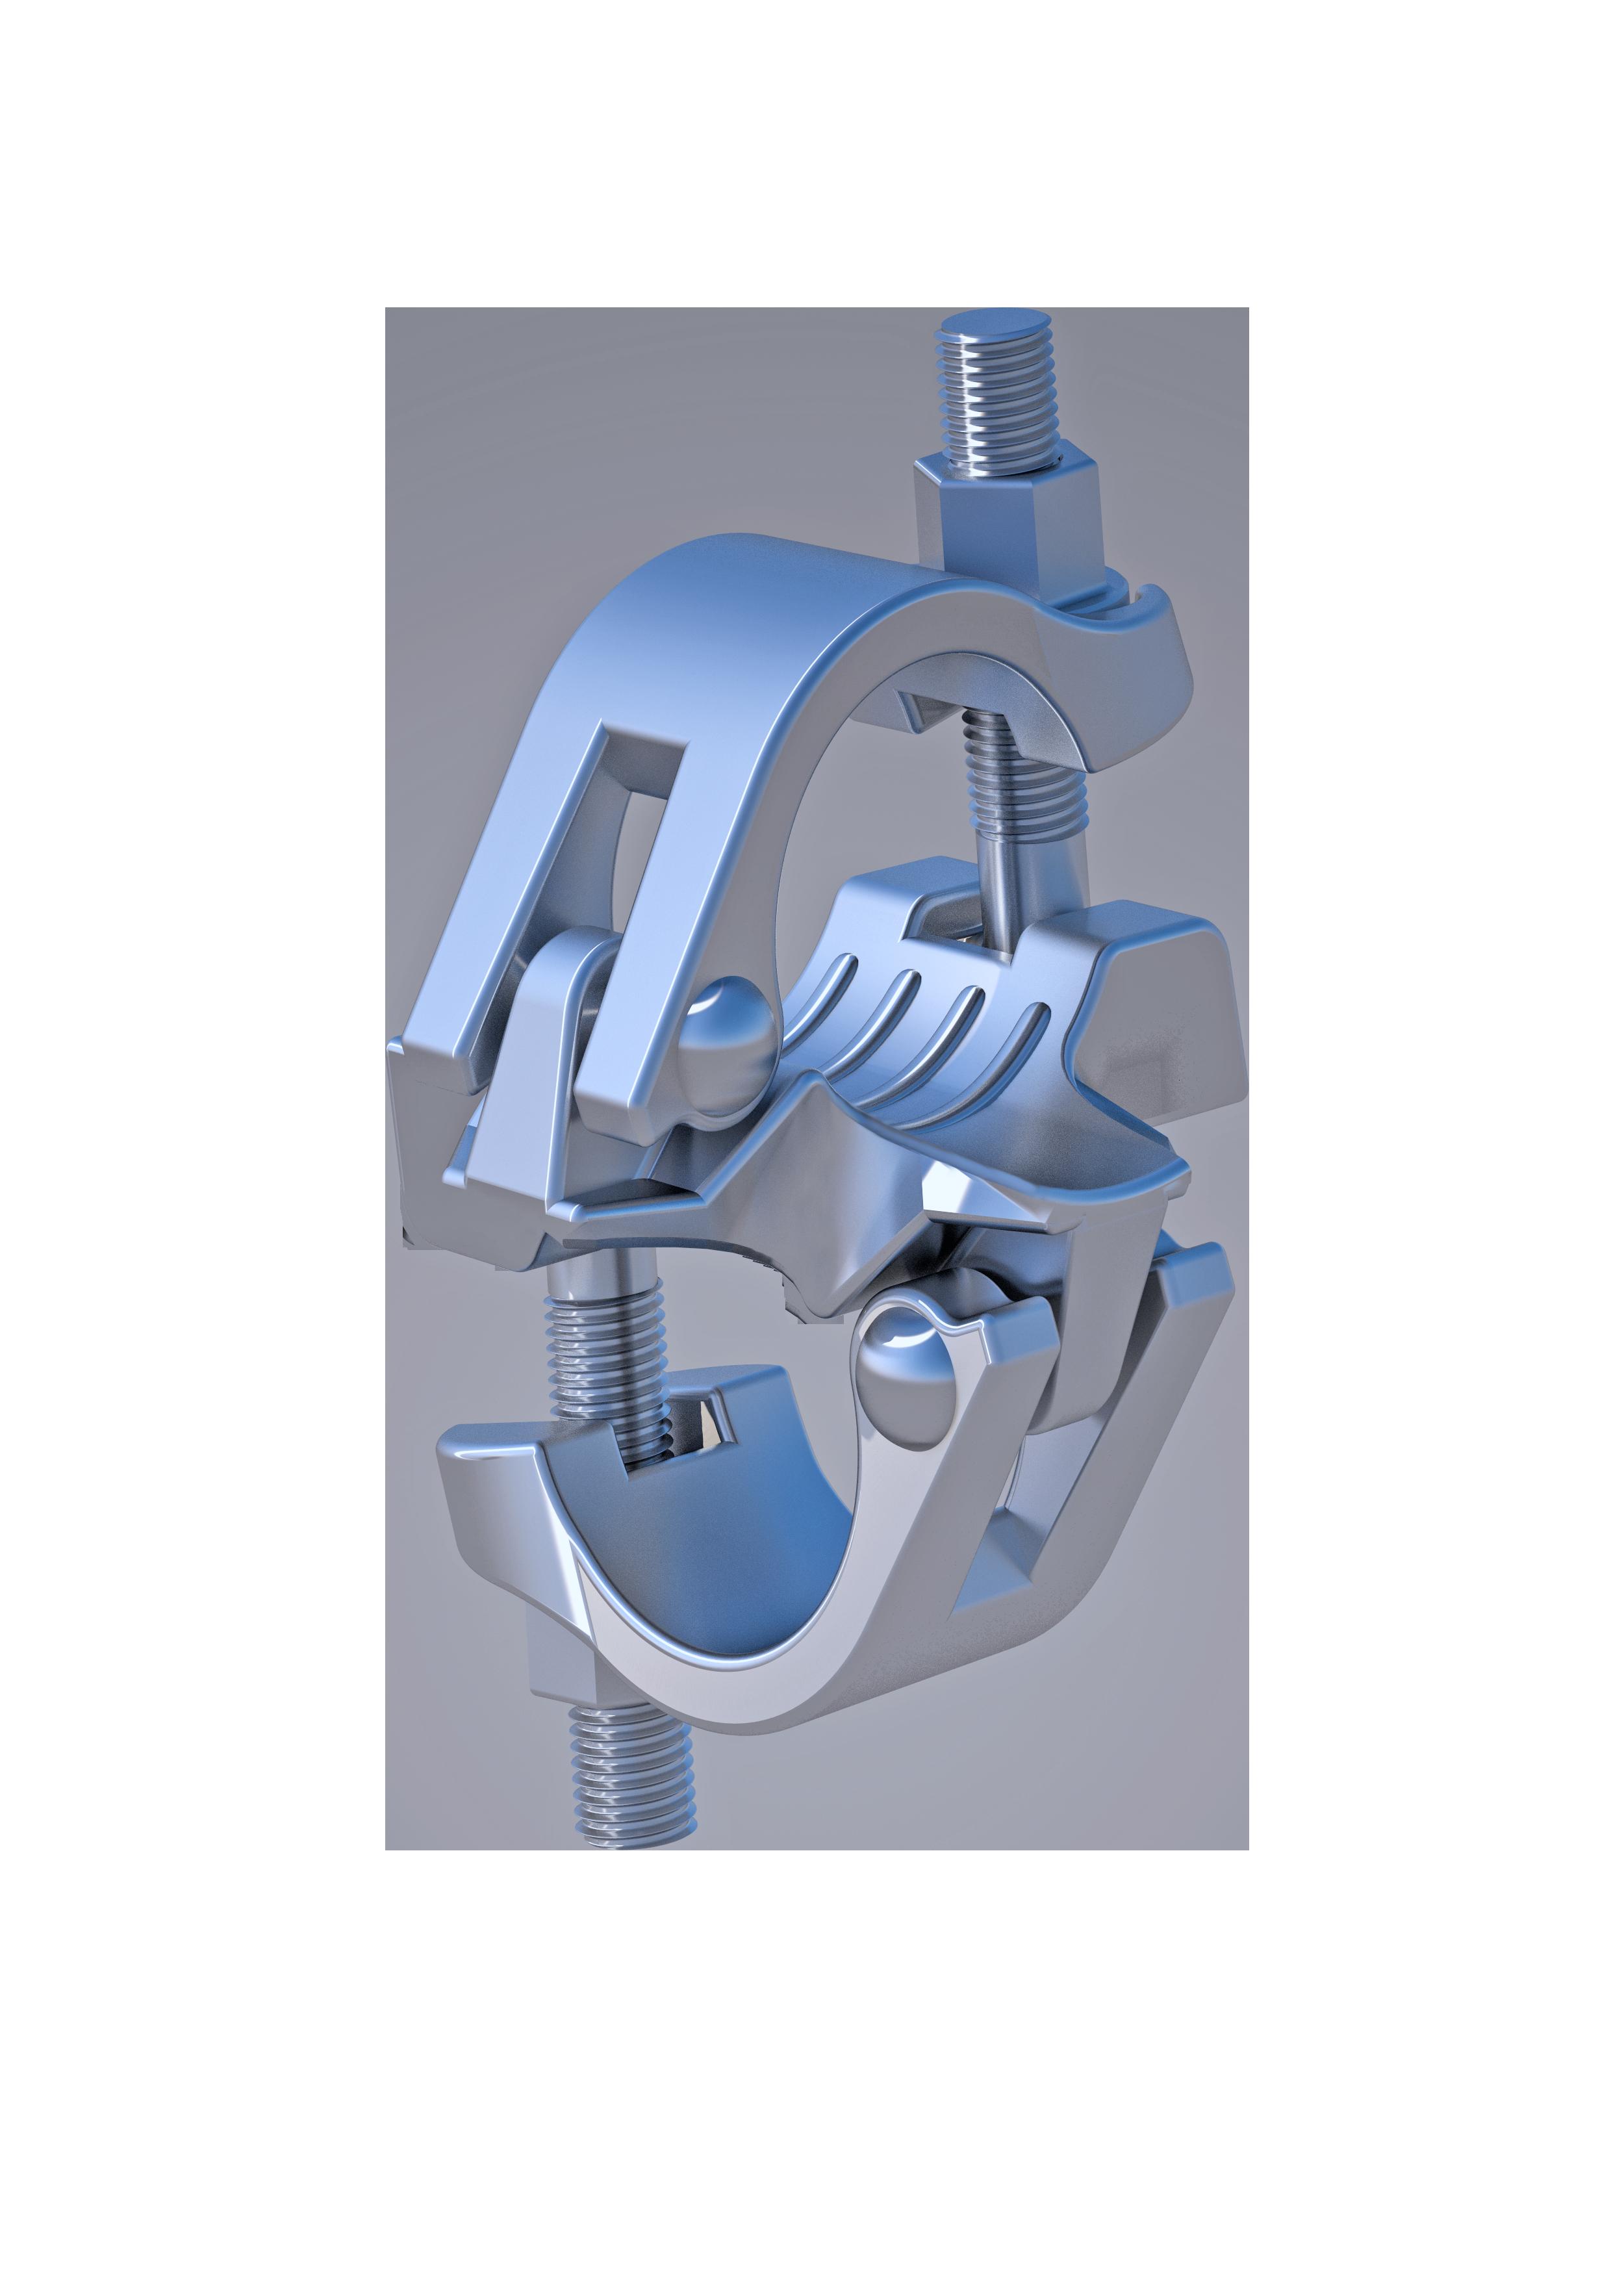 Reduzier-Normalkupplung, 48.3 mm,  x  34 mm